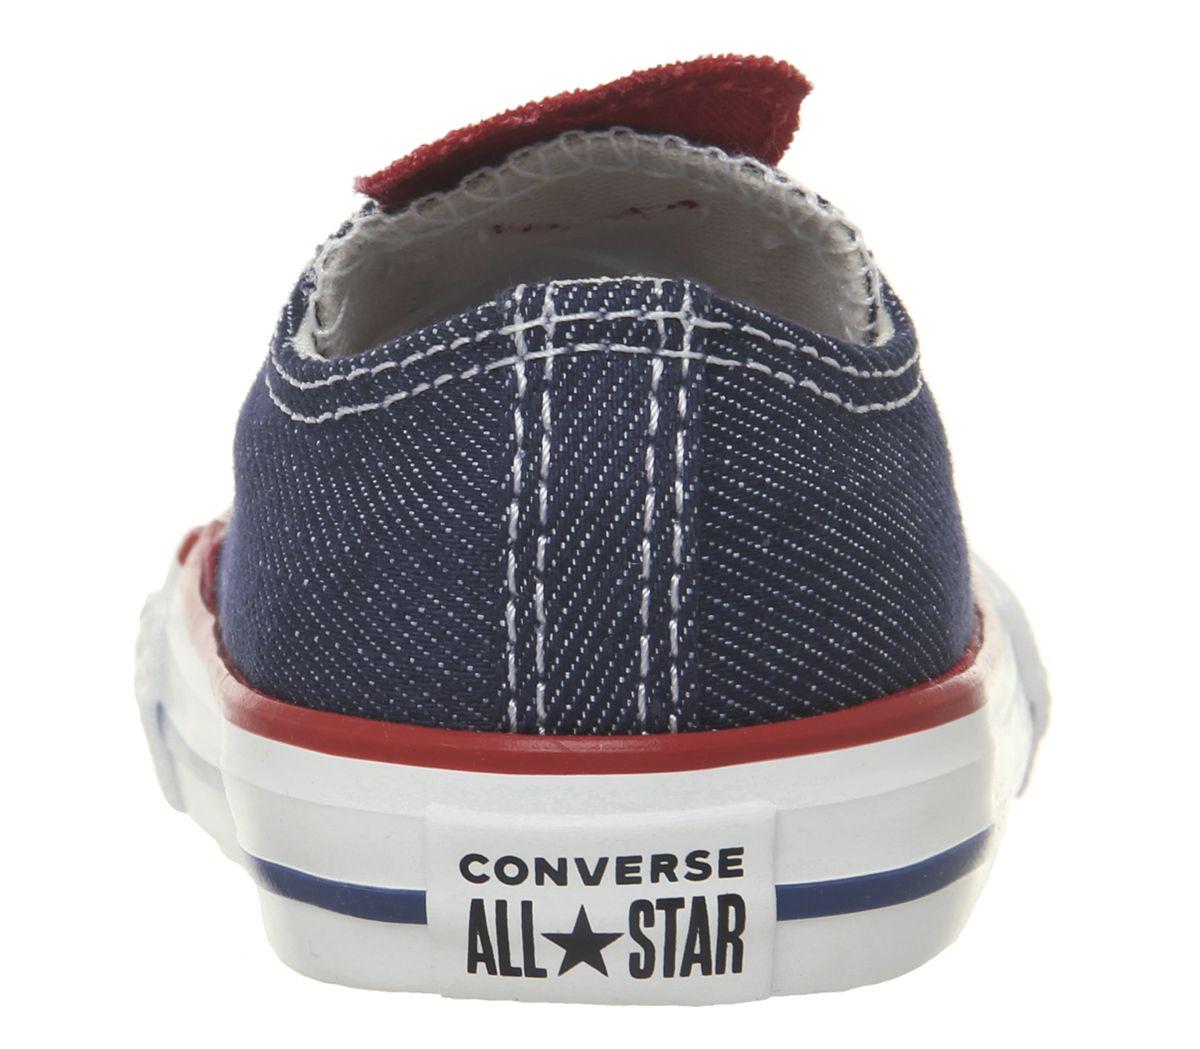 converse all star corazon